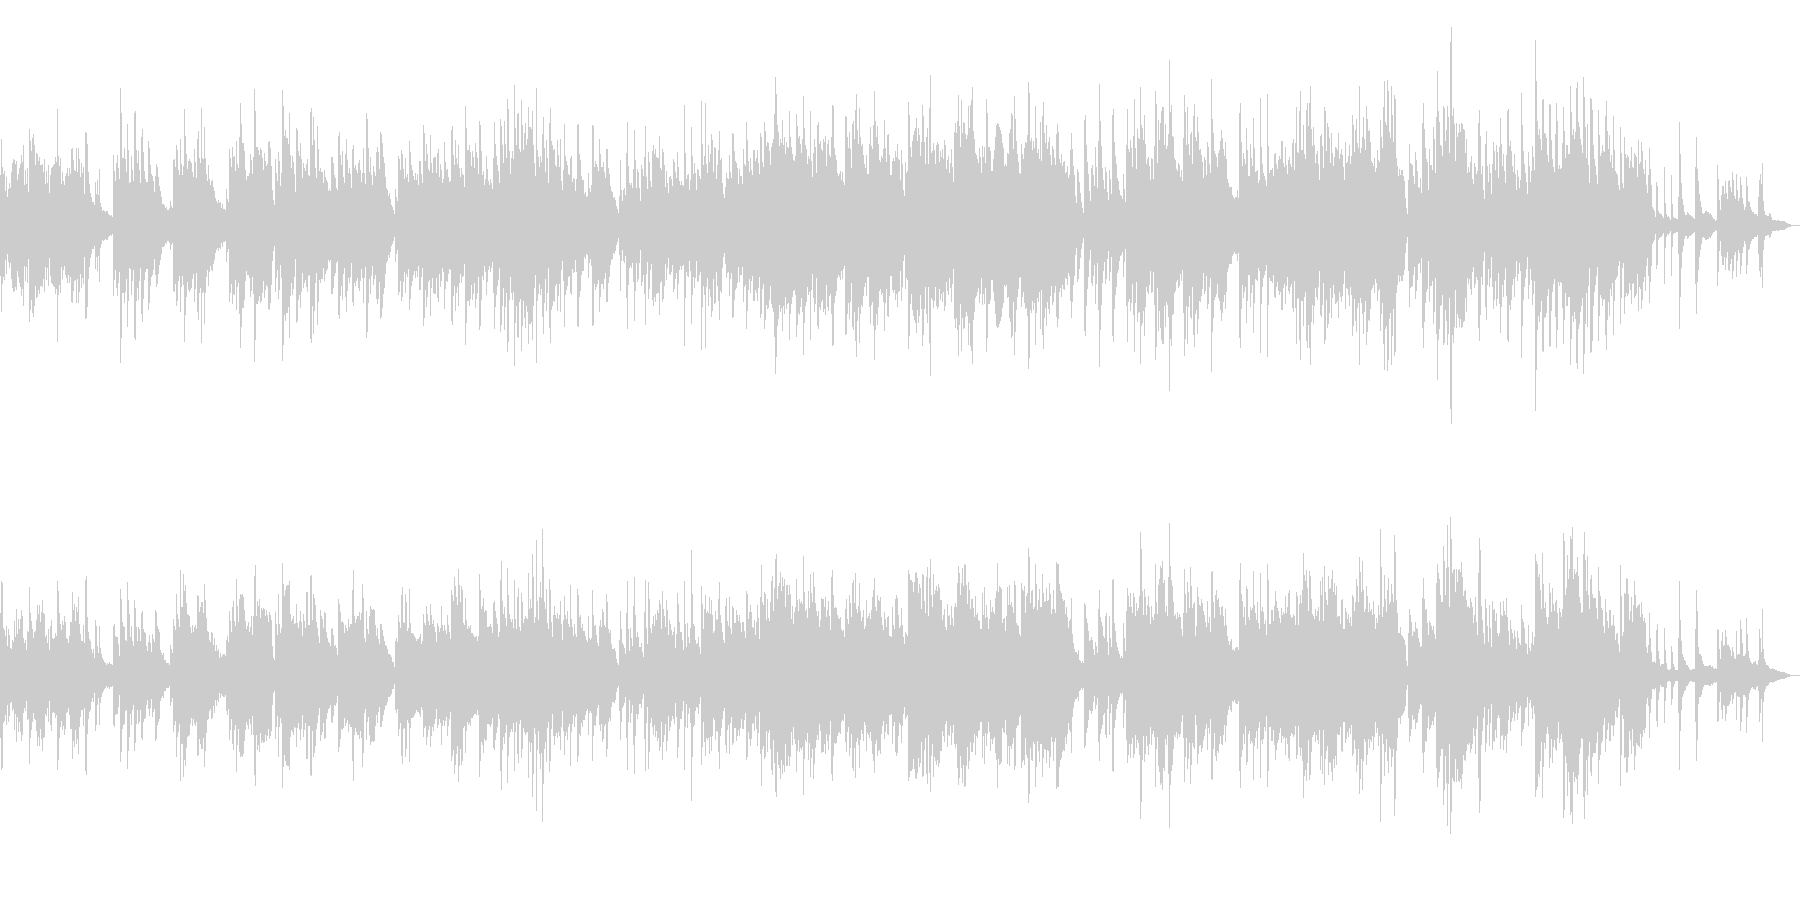 和の映像に似合うBGM 和楽器ピアノの未再生の波形